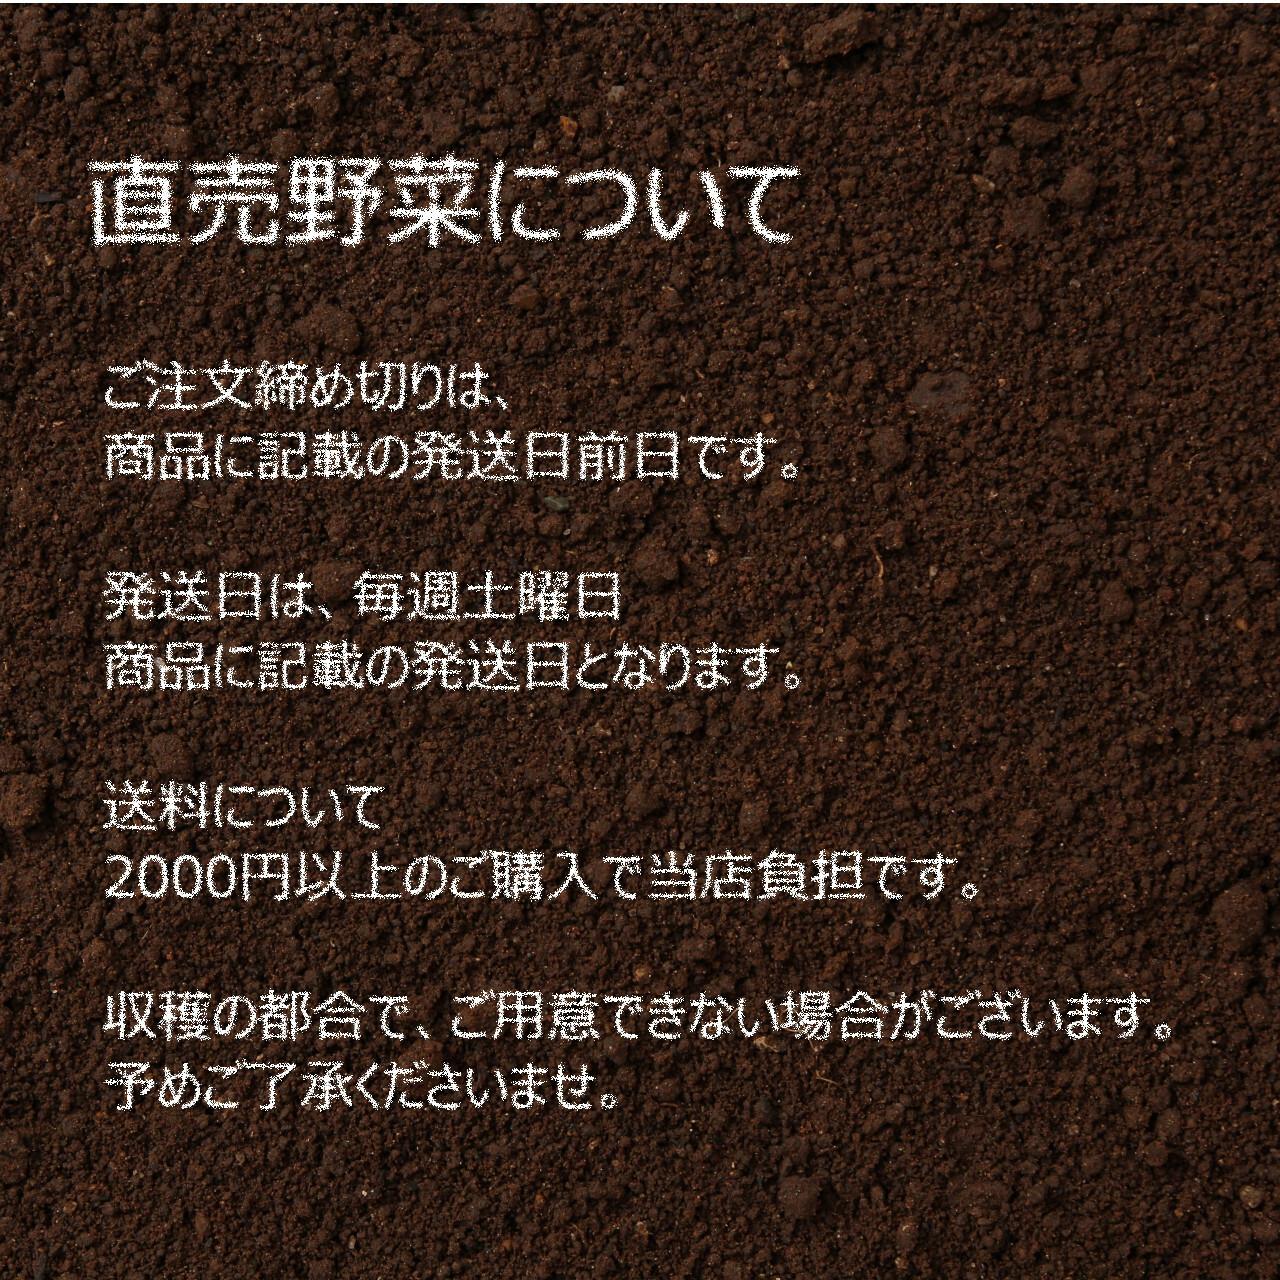 6月の朝採り直売野菜 : 大根 約 1~2本 6月8日発送予定